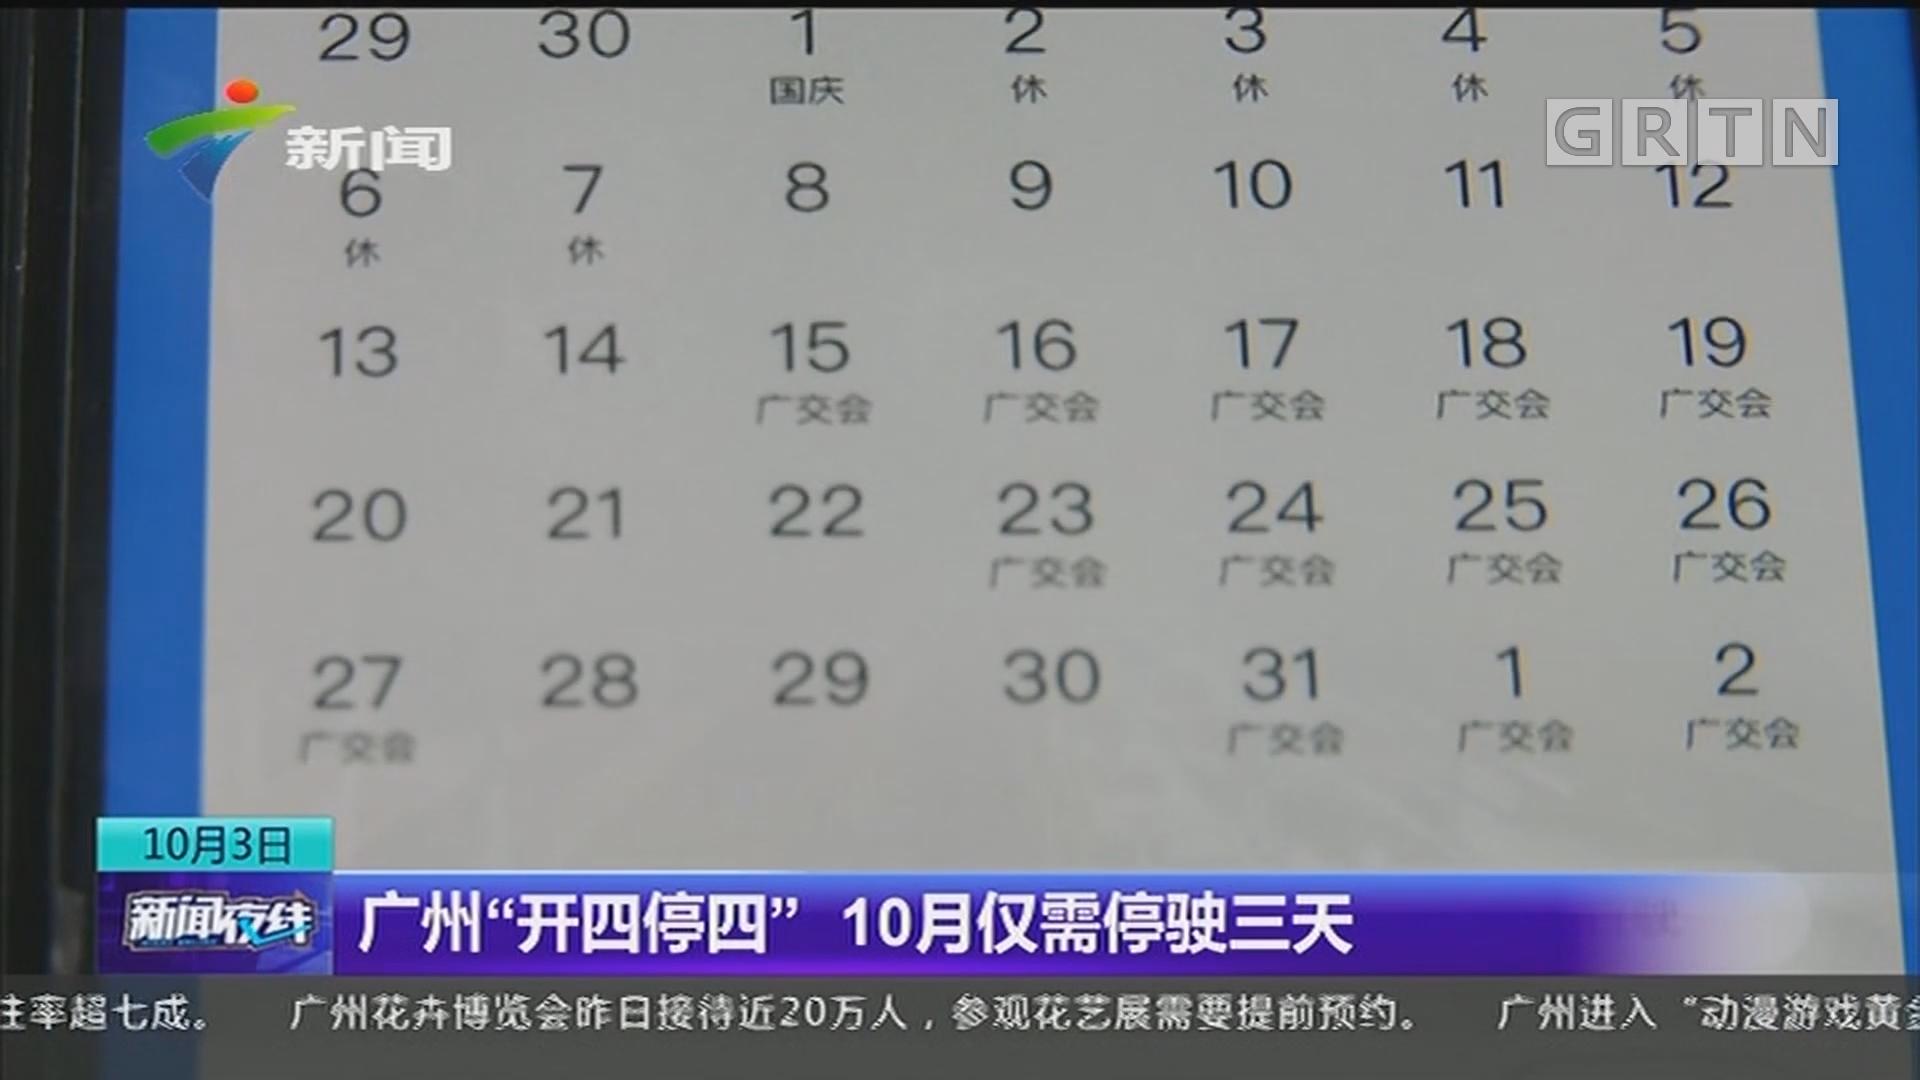 """广州""""开四停四"""" 10月仅需停驶三天"""